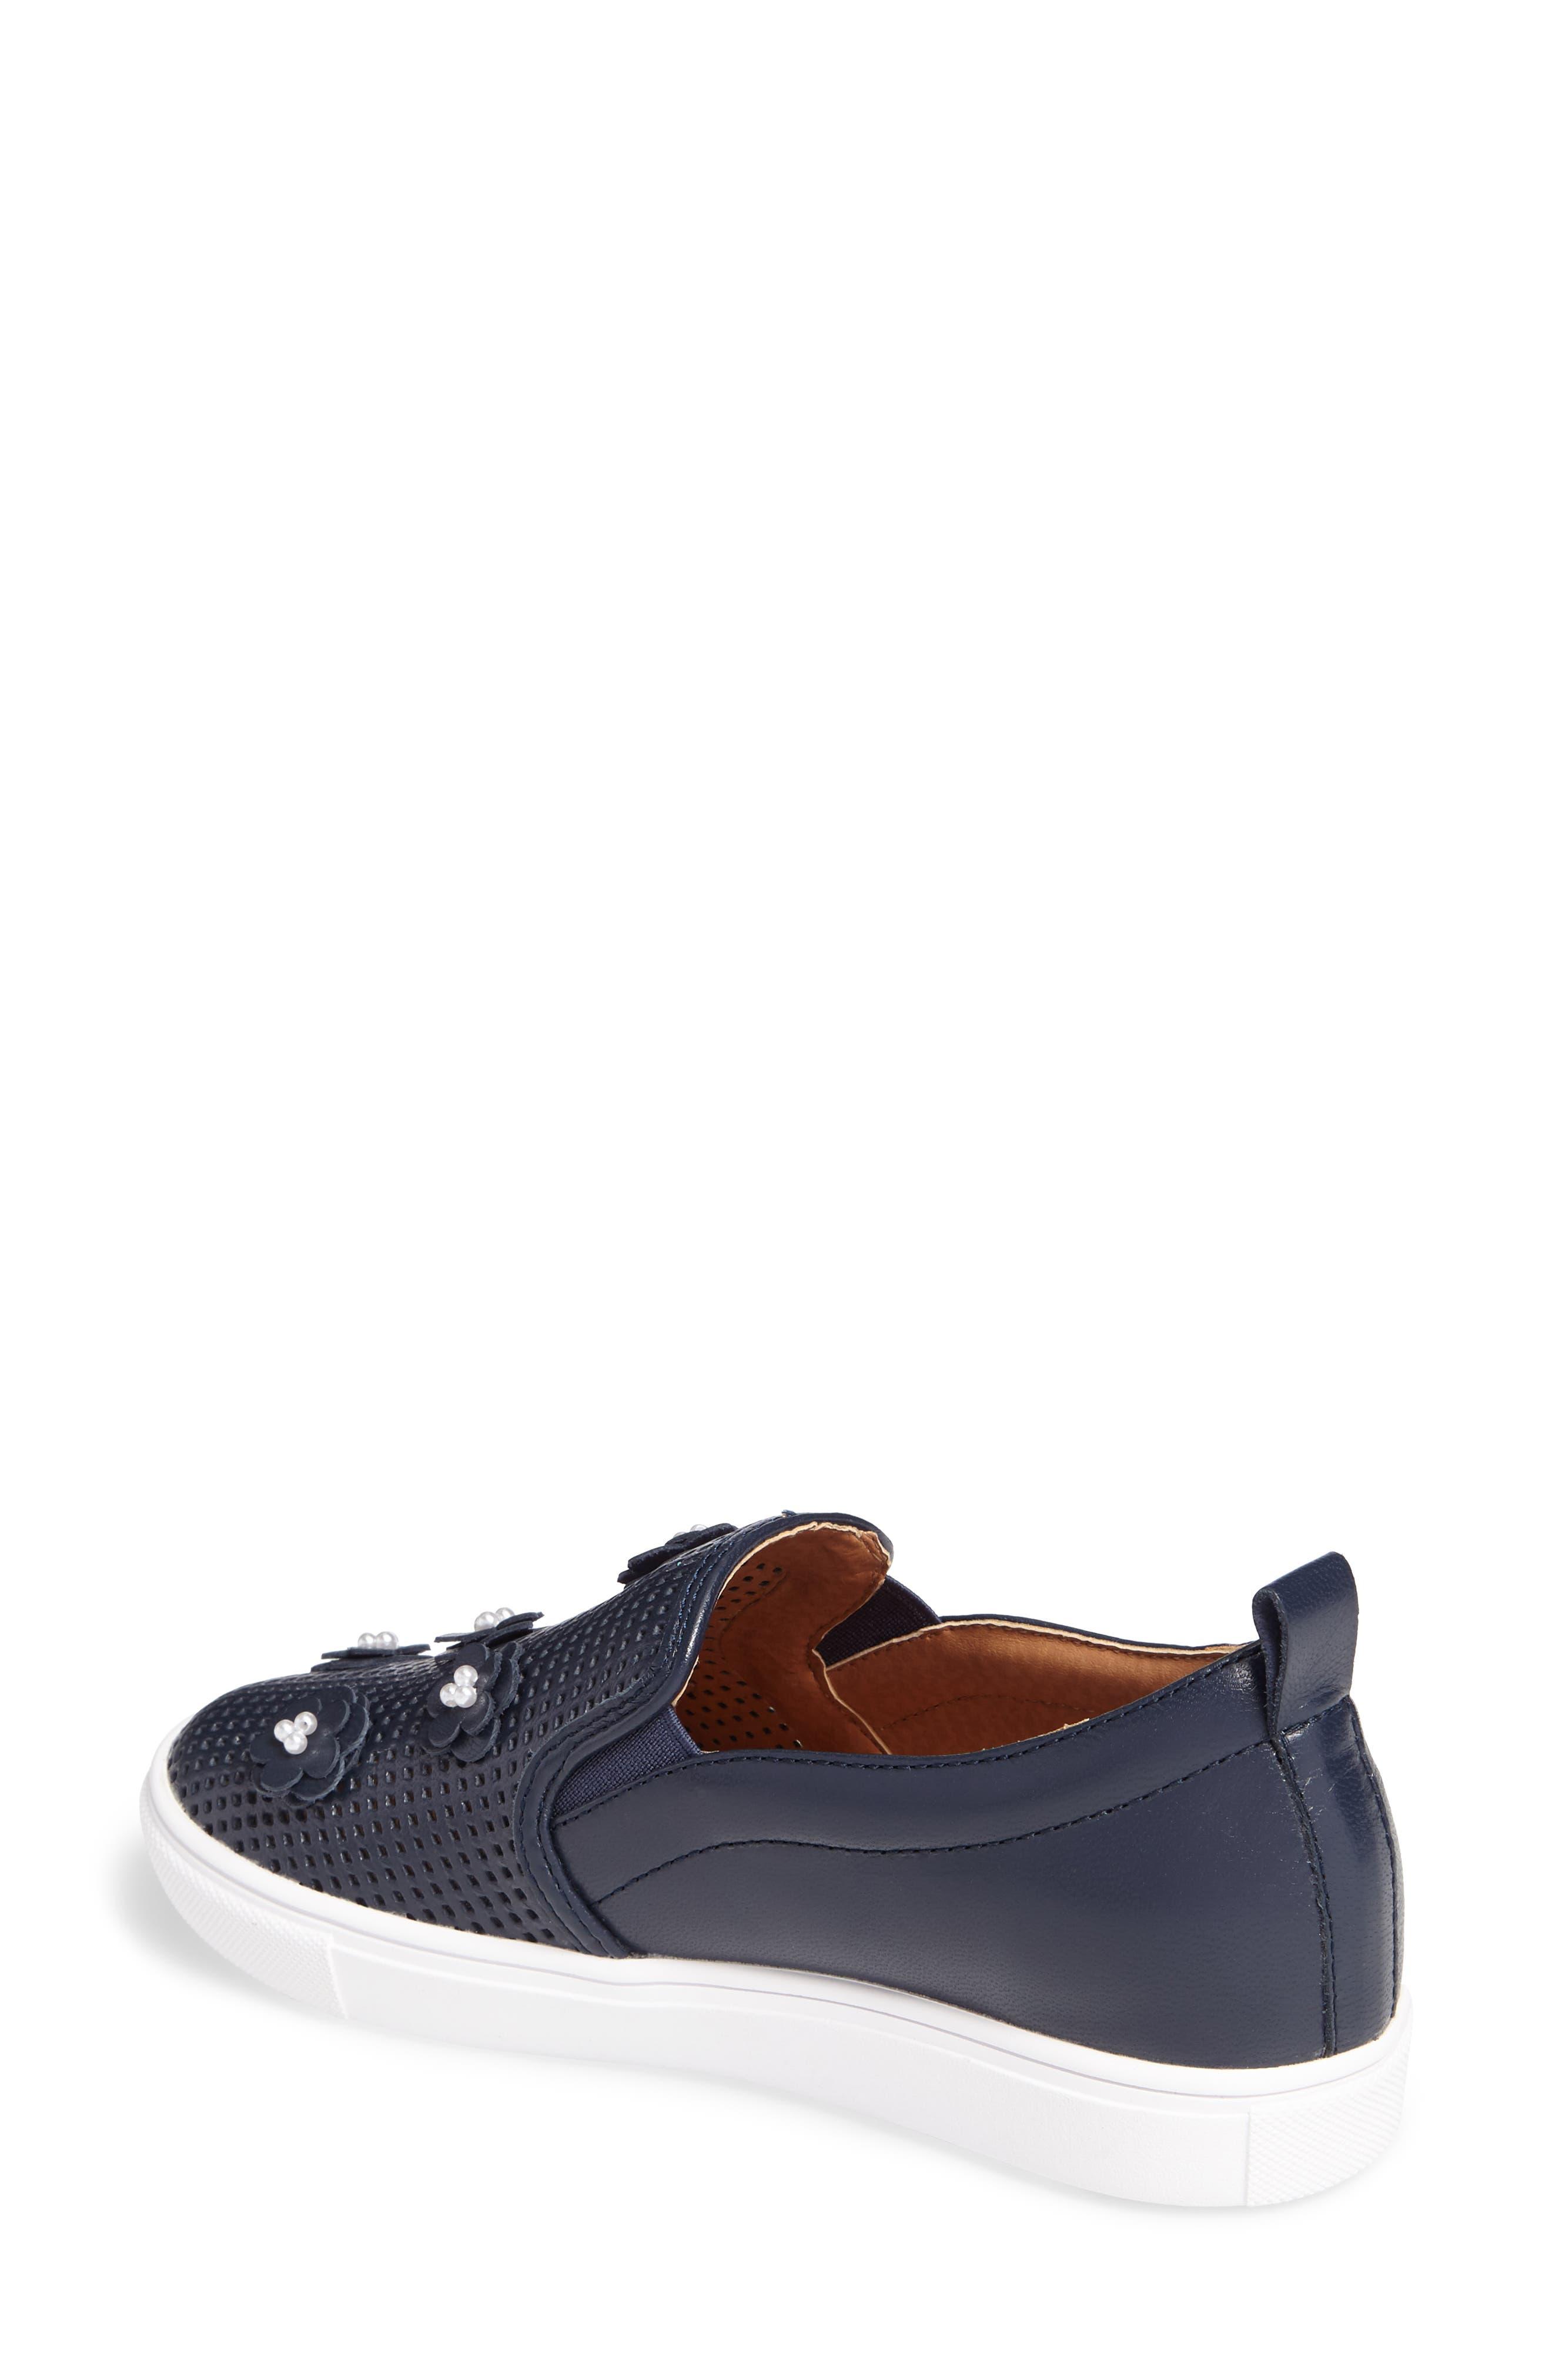 Alternate Image 2  - Caslon® Eden Perforated Slip-On Sneaker (Women)